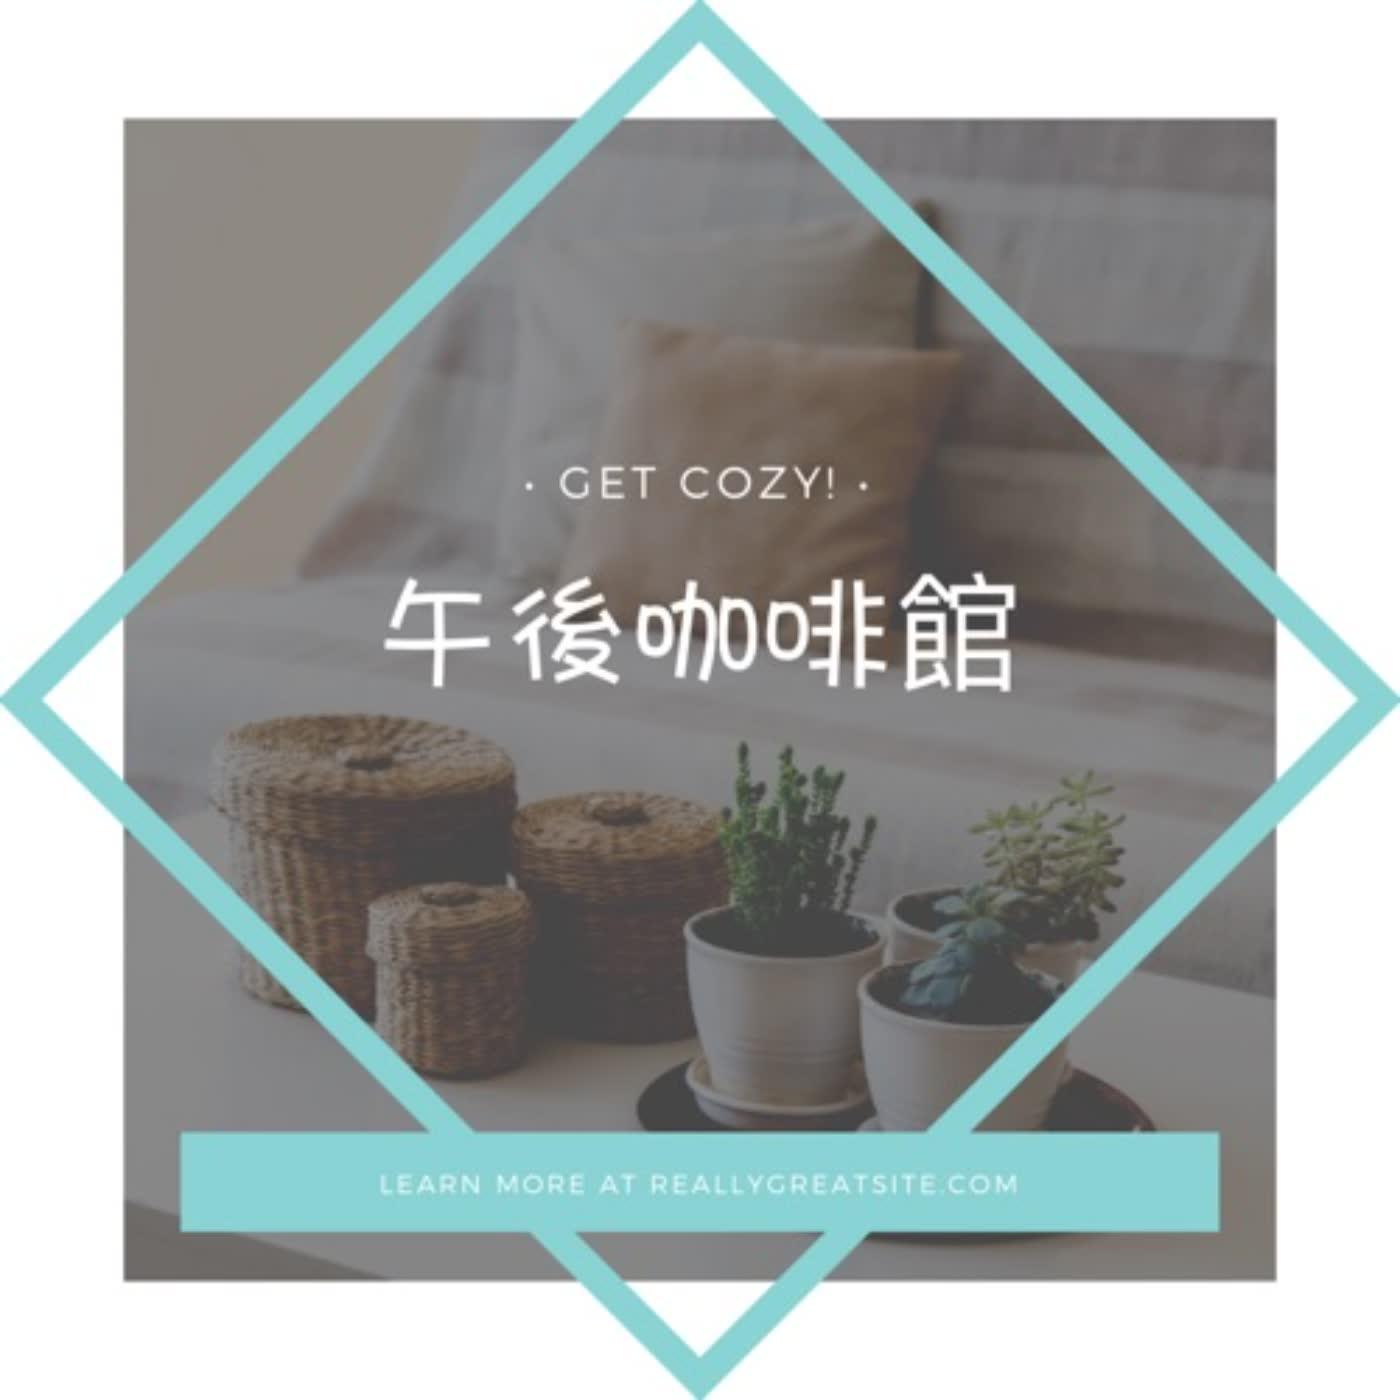 EP 12 【Mia】如何為自己創造出獨特的自我風格